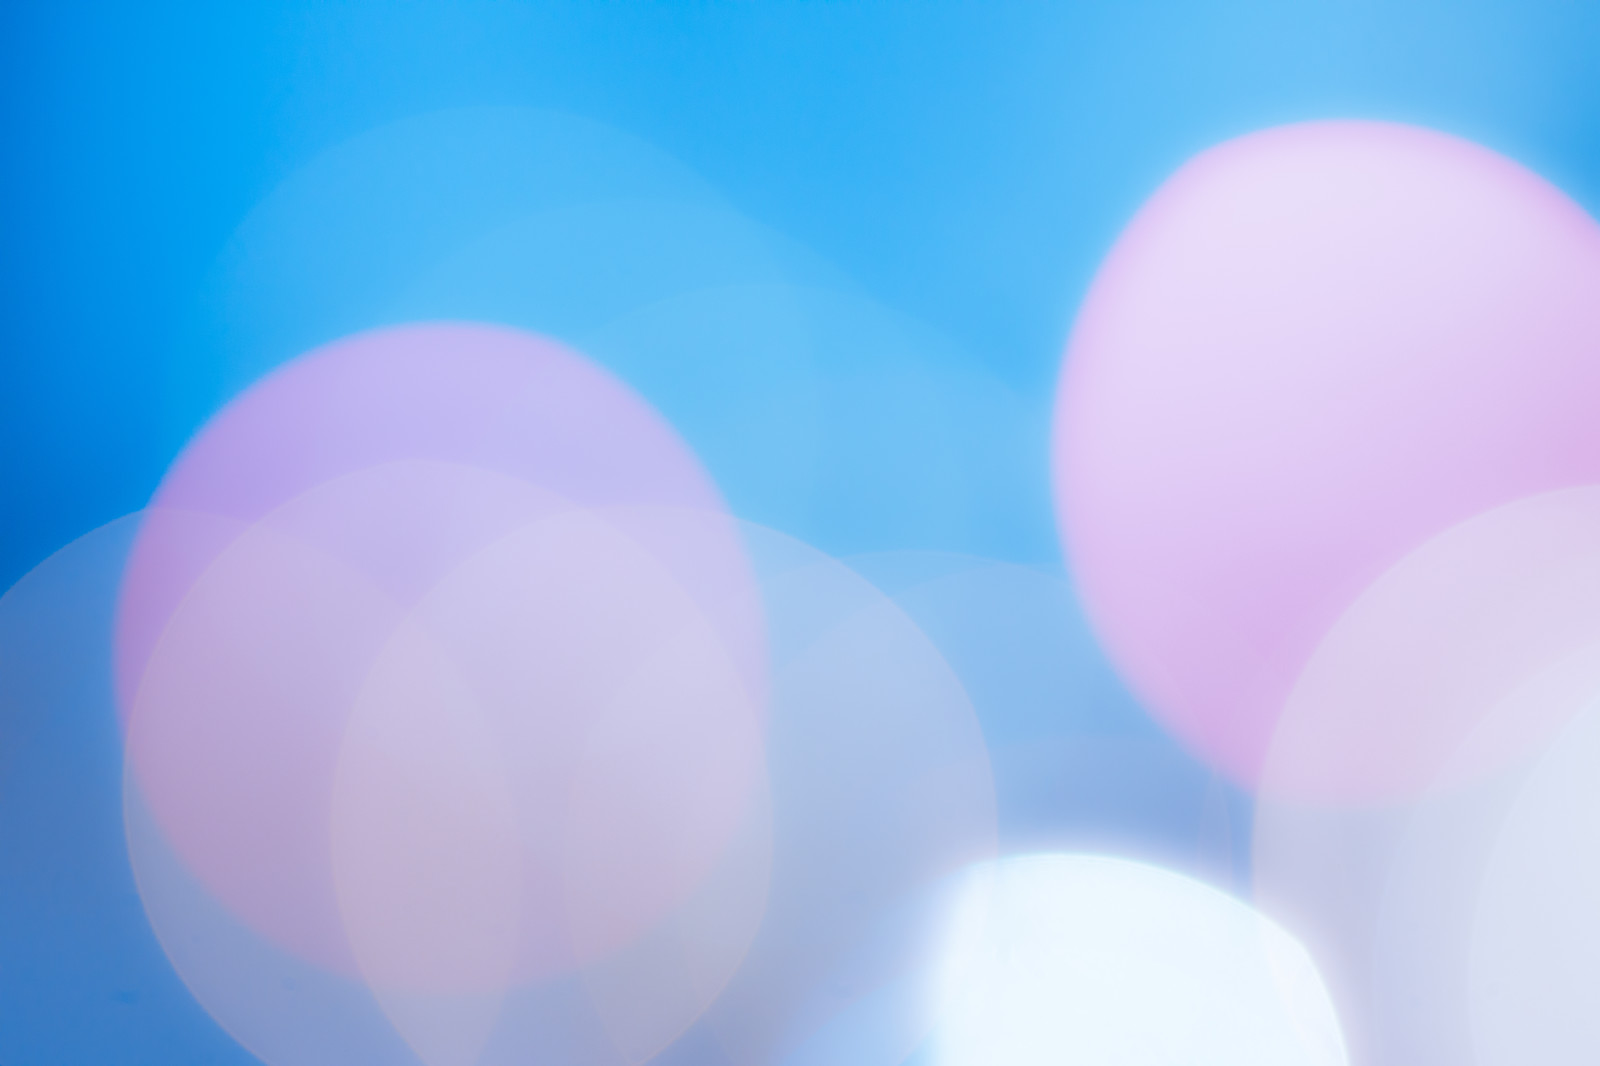 「青白い寒色の丸ボケ」の写真